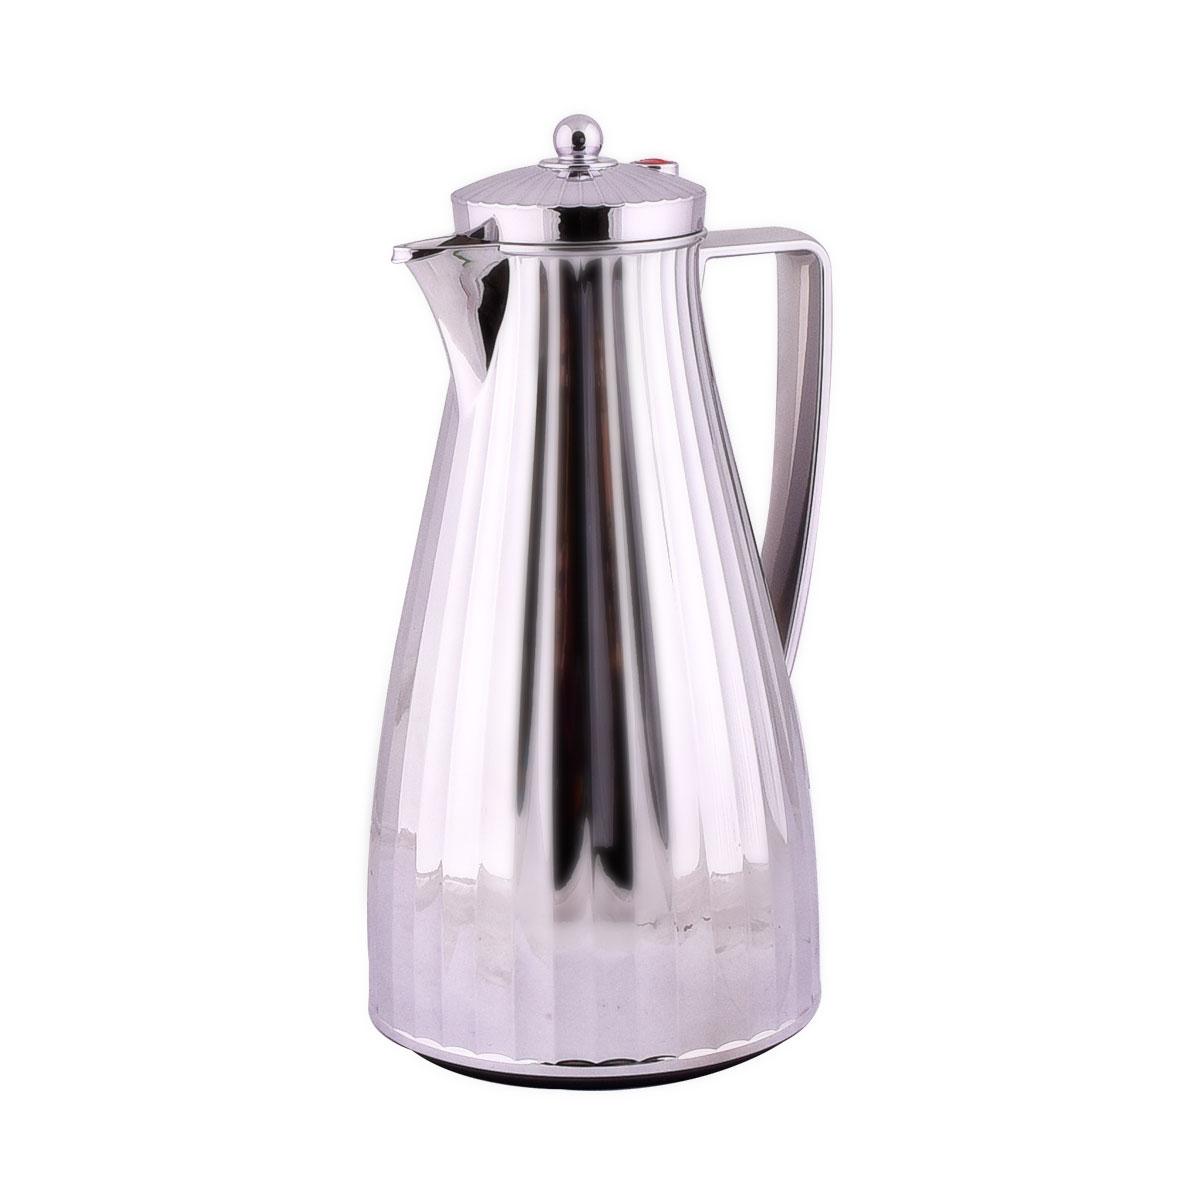 ترمس شاي وقهوة فلورا السيف لون فضي - 1.2 لتر